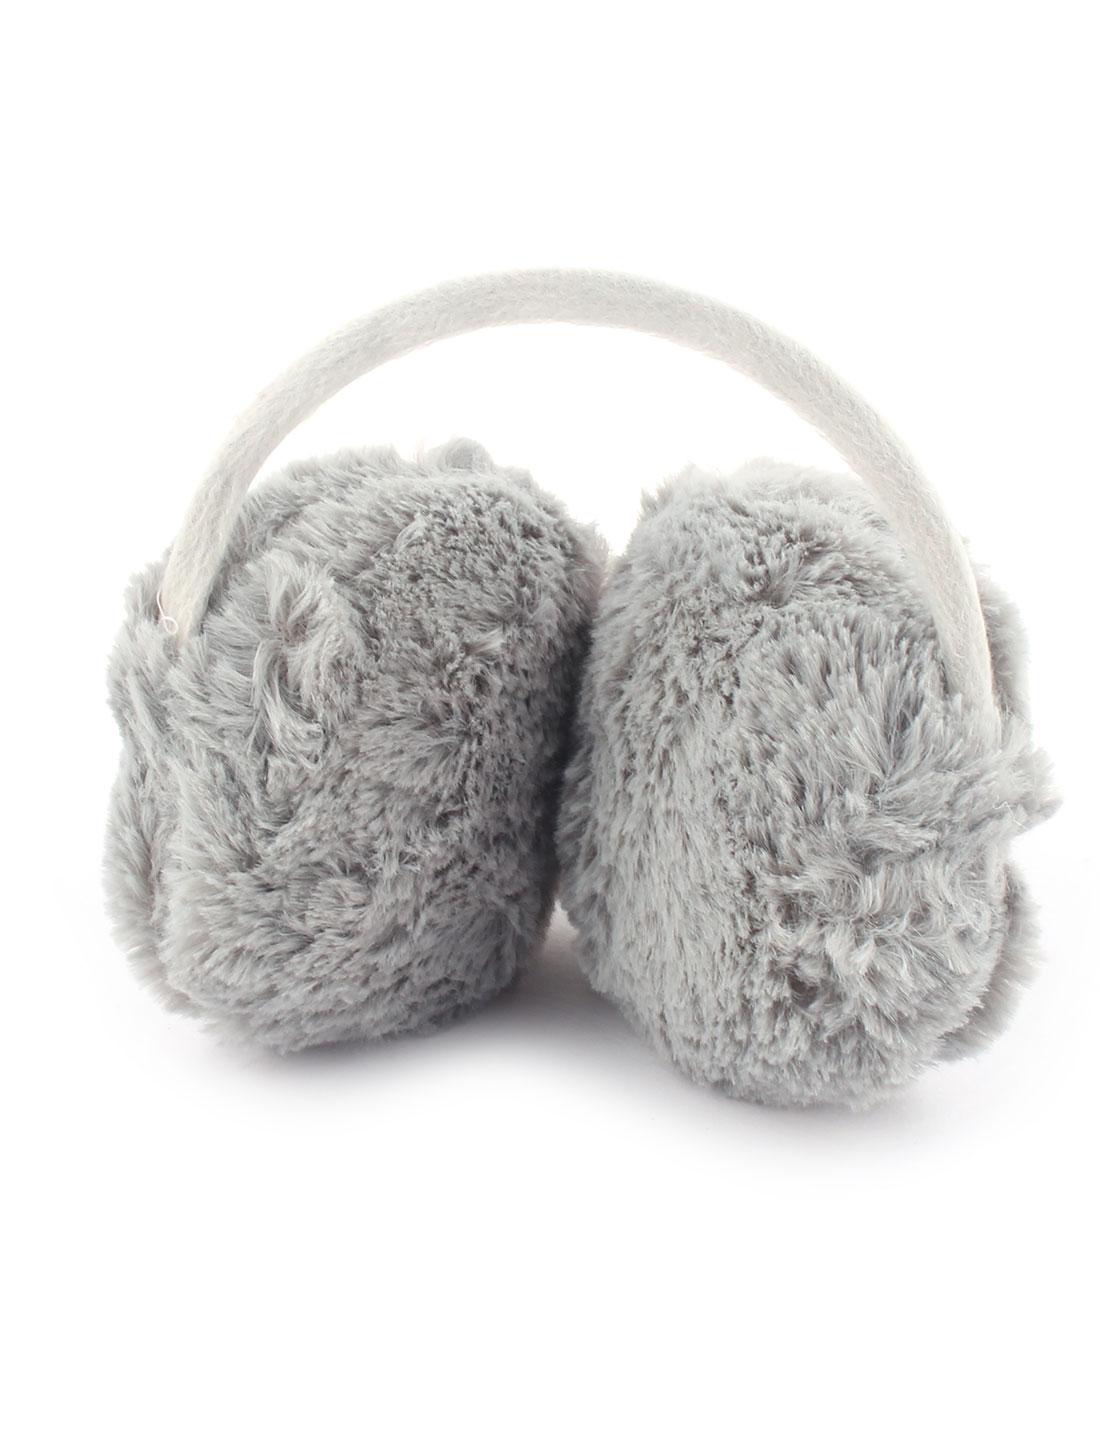 Outdoor Winter Metal Frame Plush Headwear Ear Protector Warmer Earmuff Earflap Gray